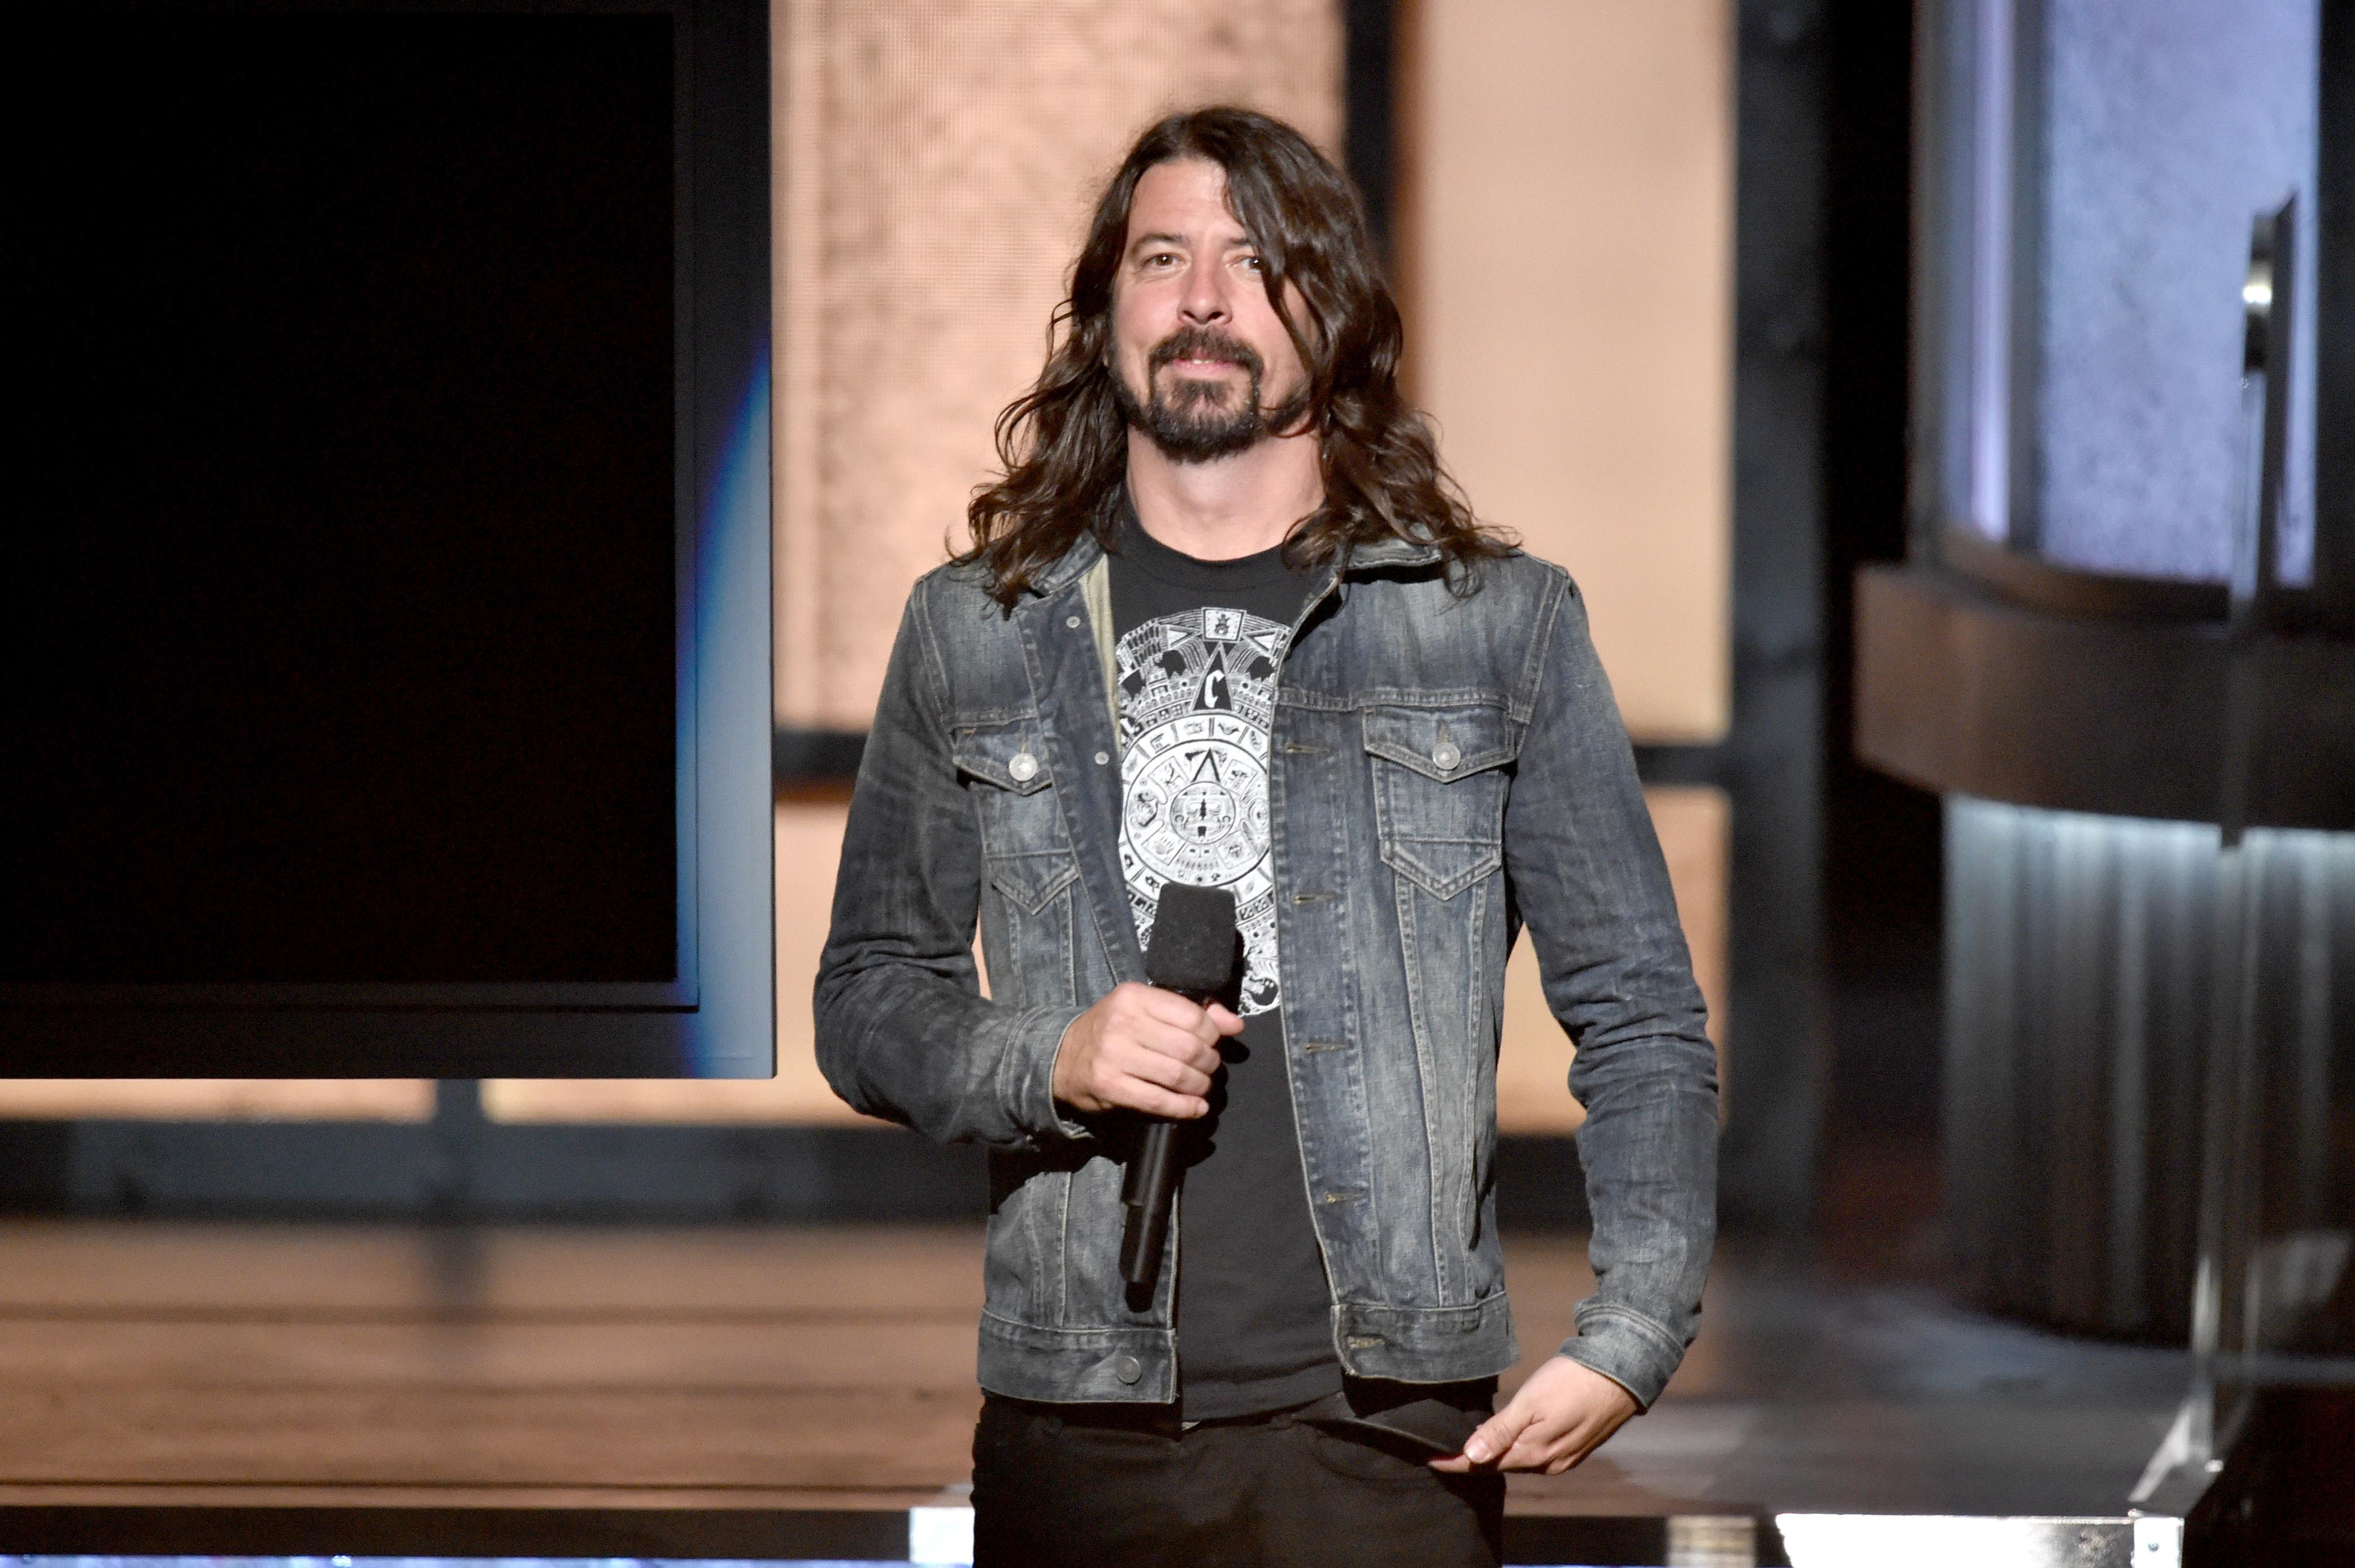 Zu dieser Verleihung ist er dann doch gegangen: Dave Grohl bei den 57. Grammy-Awards in Los Angeles.